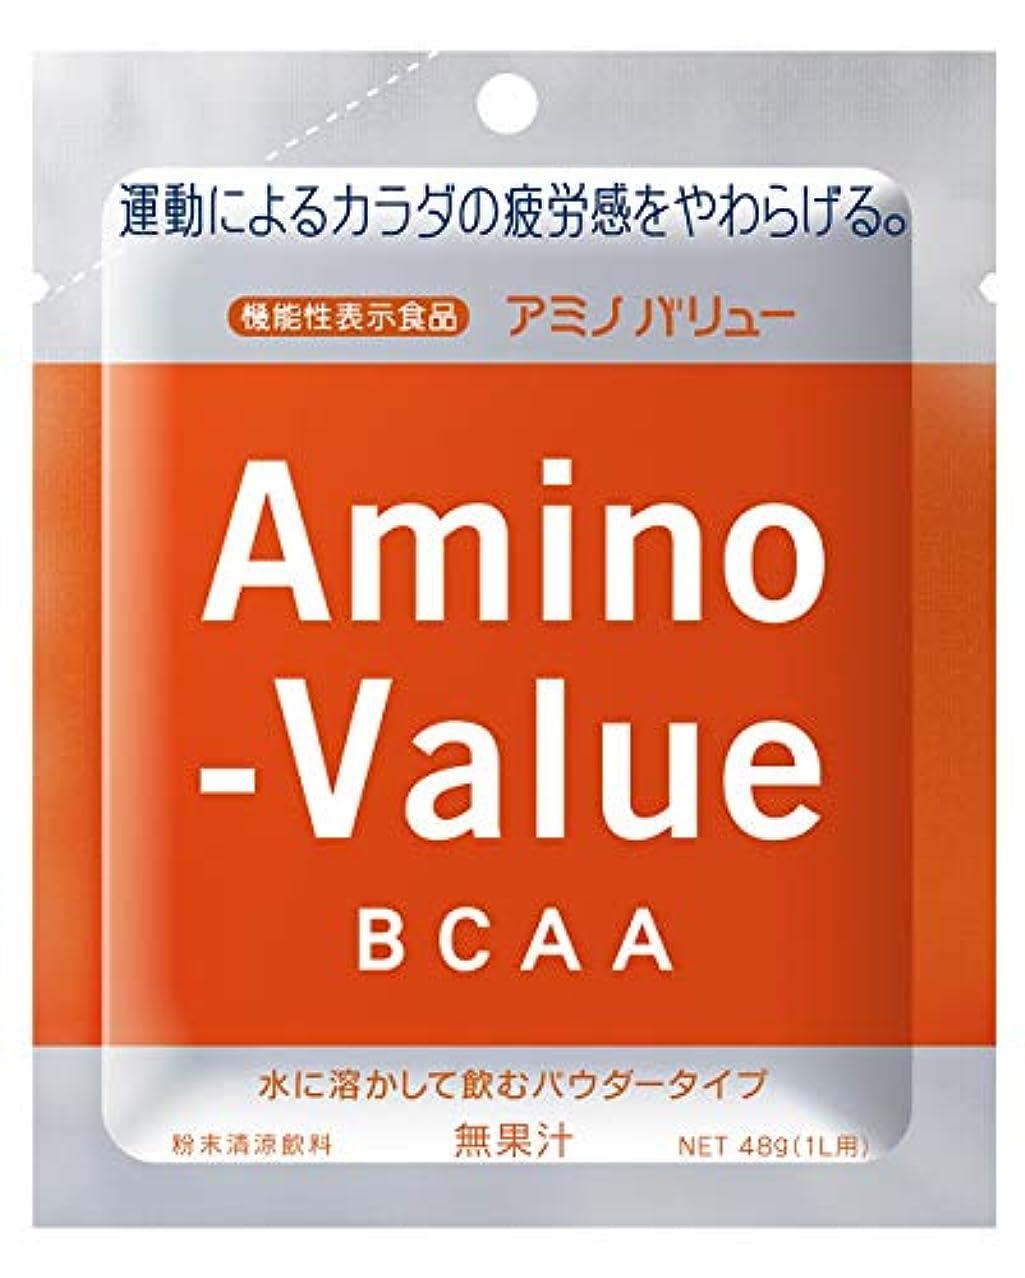 印象的外観日光大塚製薬 アミノバリュー BCAA パウダー8000 1L用 (48G)×5袋×20箱 [機能性表示食品]